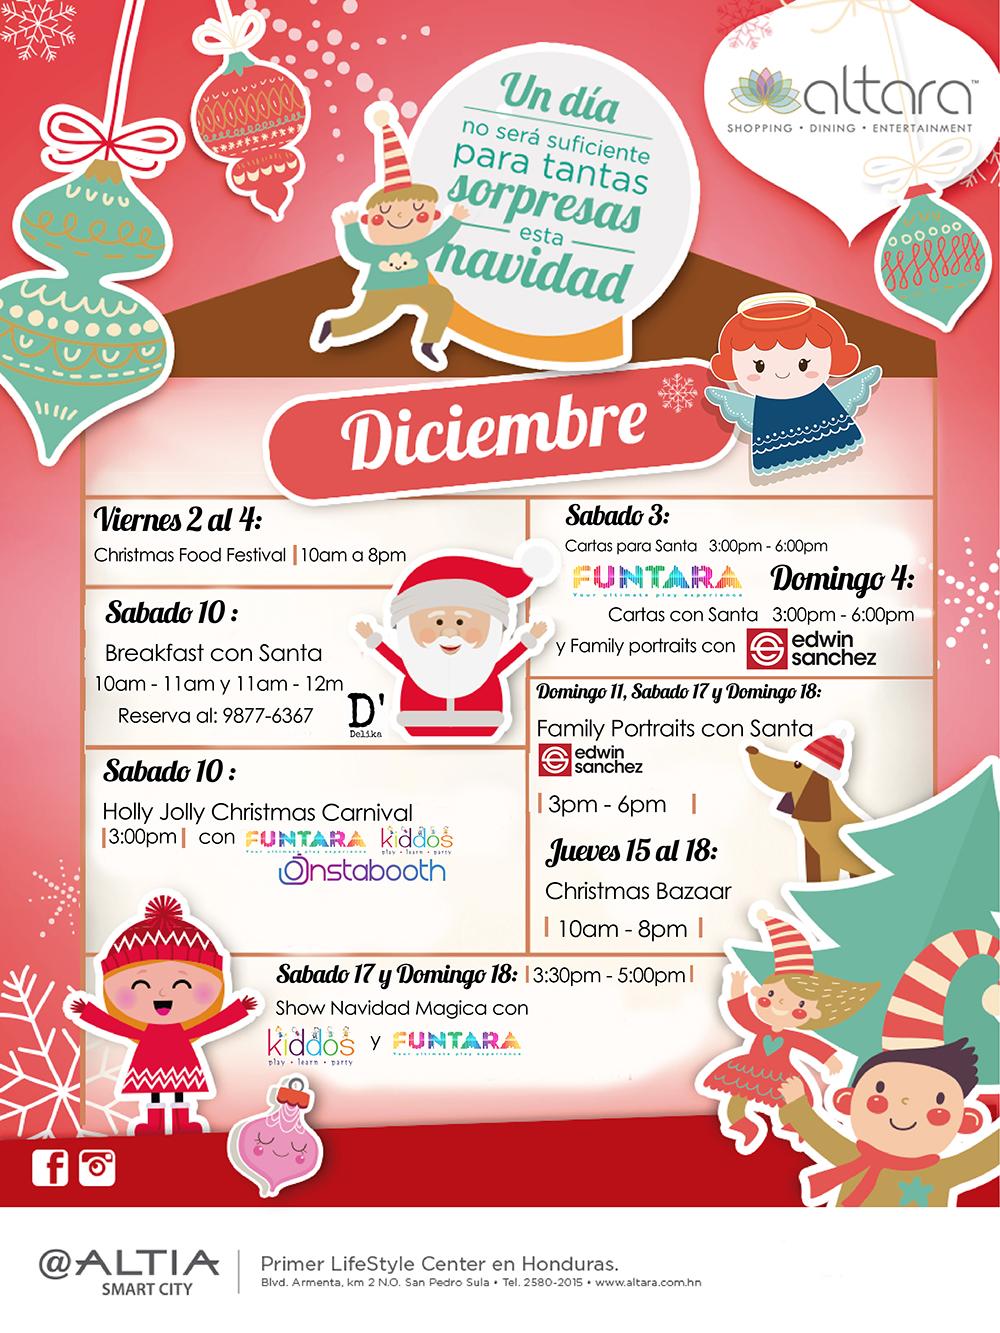 Altara's Christmas Calendar